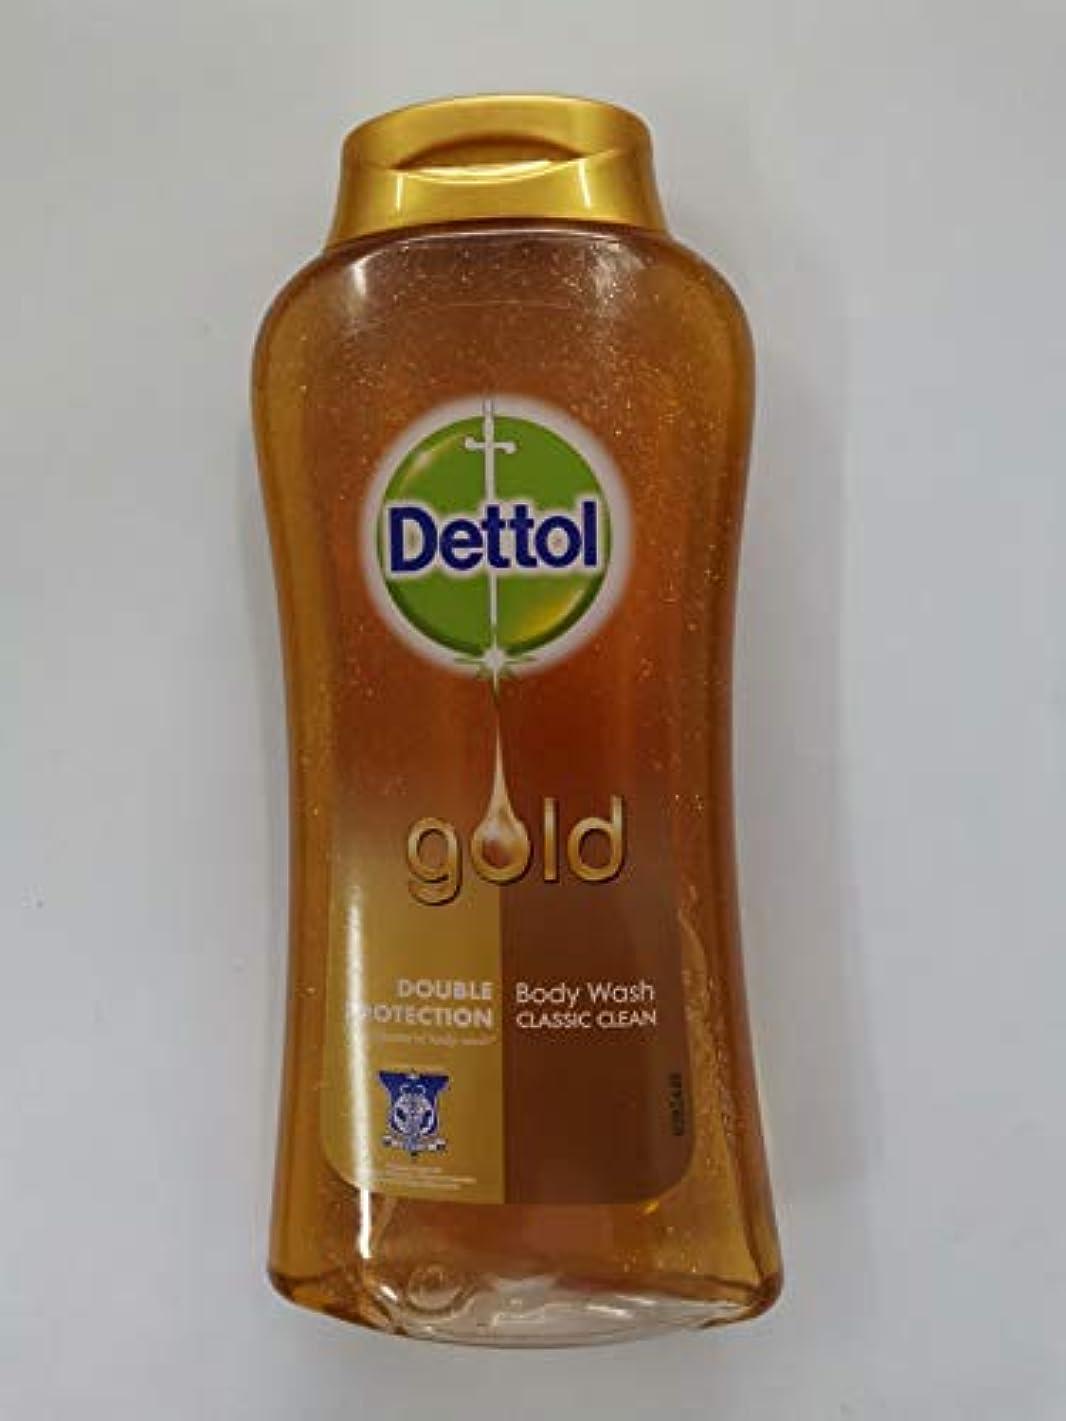 る花束寸前Dettol クラシッククリーンボディローション250ミリリットル - 細菌非食用風呂-kills 99.9% - 毎日の細菌を防ぎます